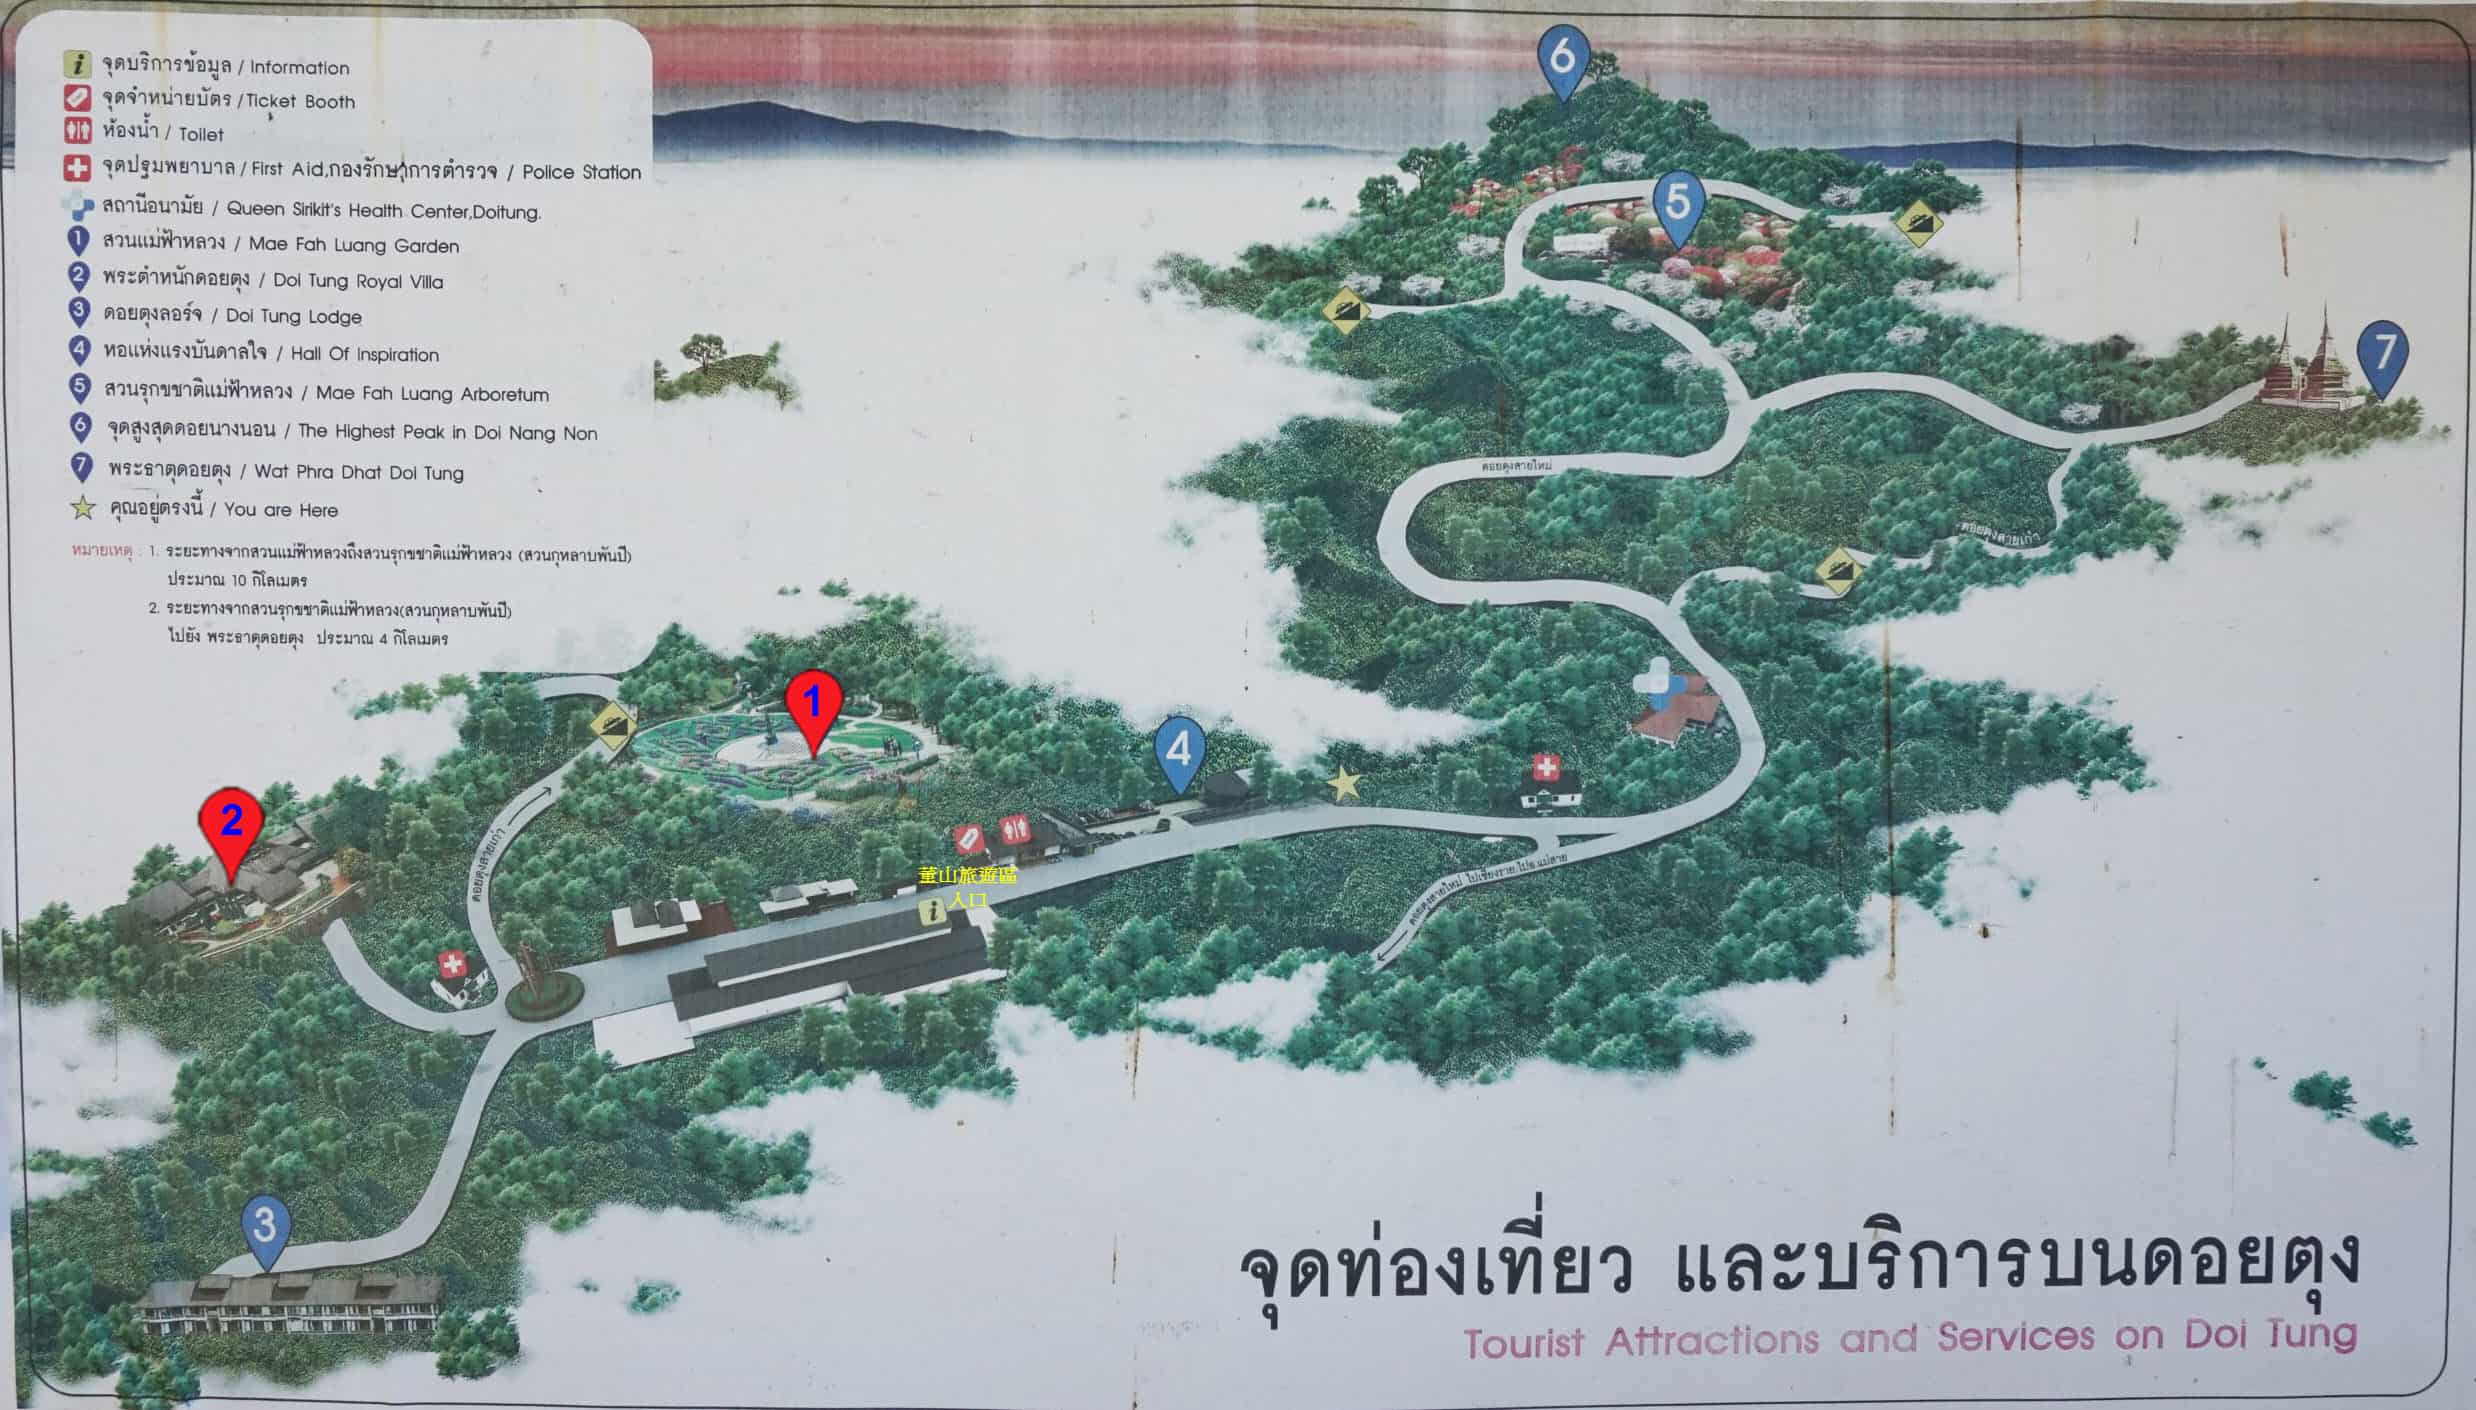 董山 Doi Tung 旅遊地圖